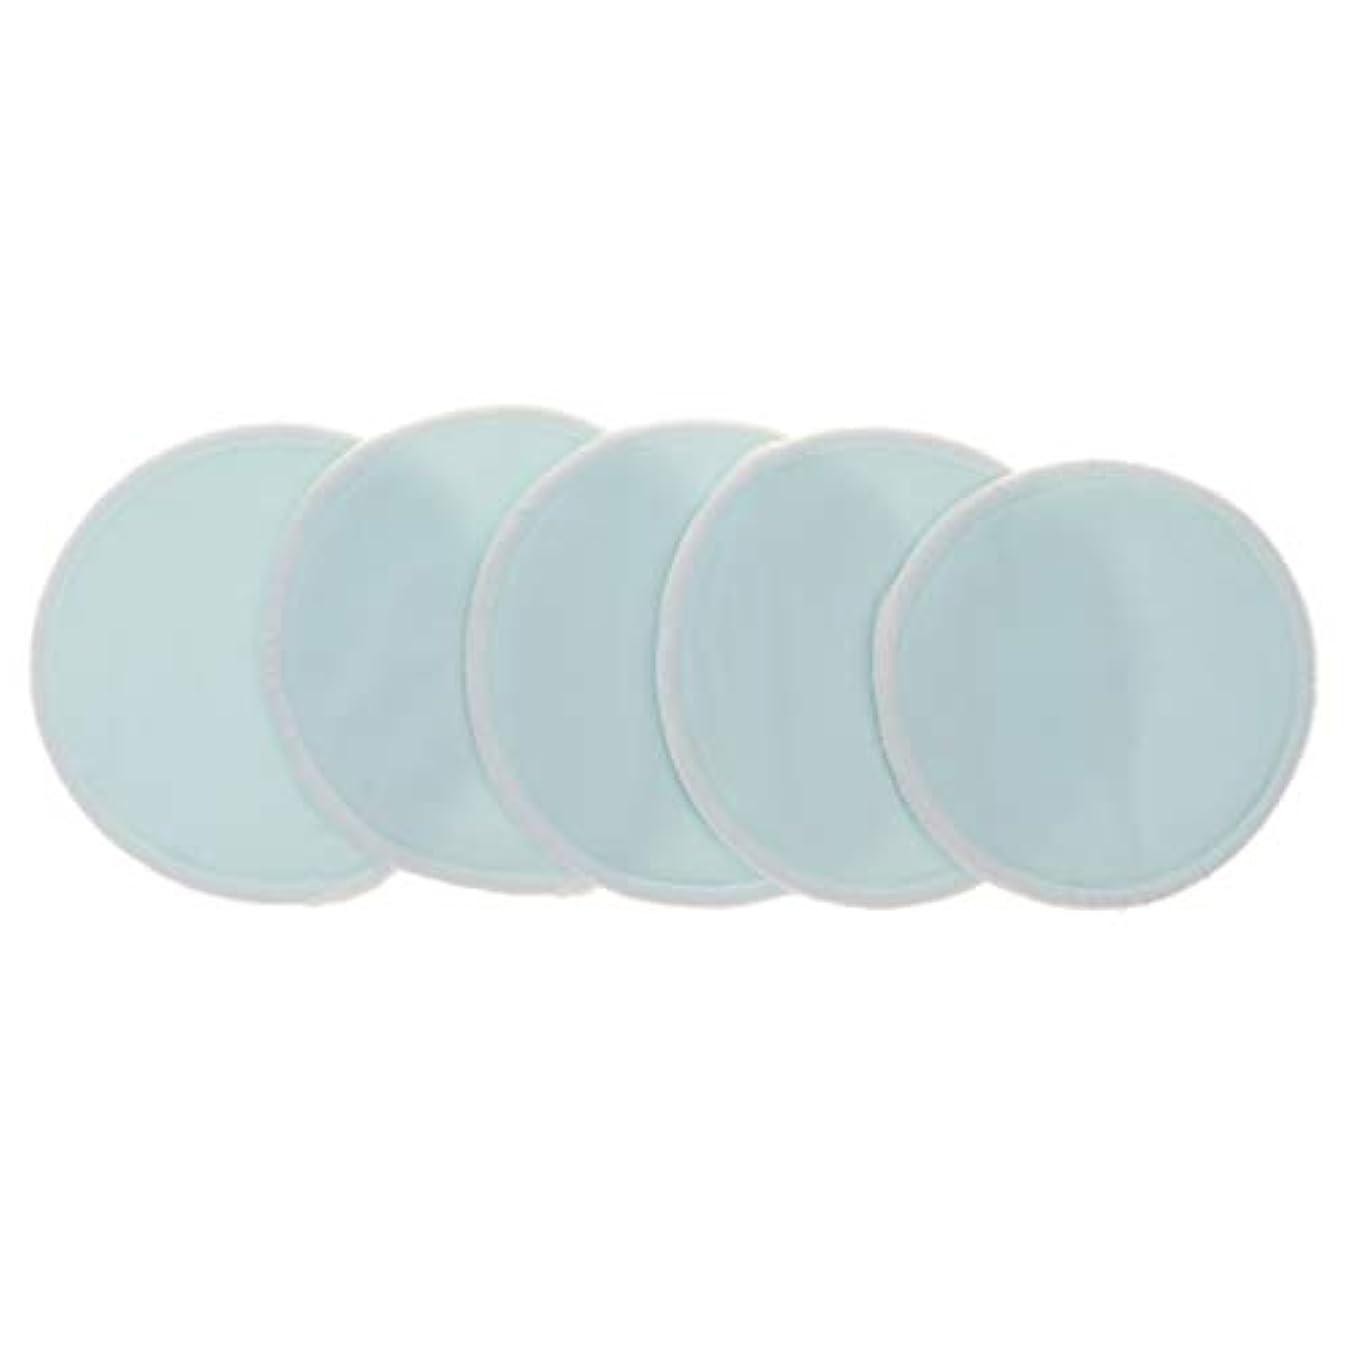 長々と放置エピソード全5色 胸パッド クレンジングシート メイクアップ 竹繊維 12cm 洗える 再使用可 実用的 5個入 - 青